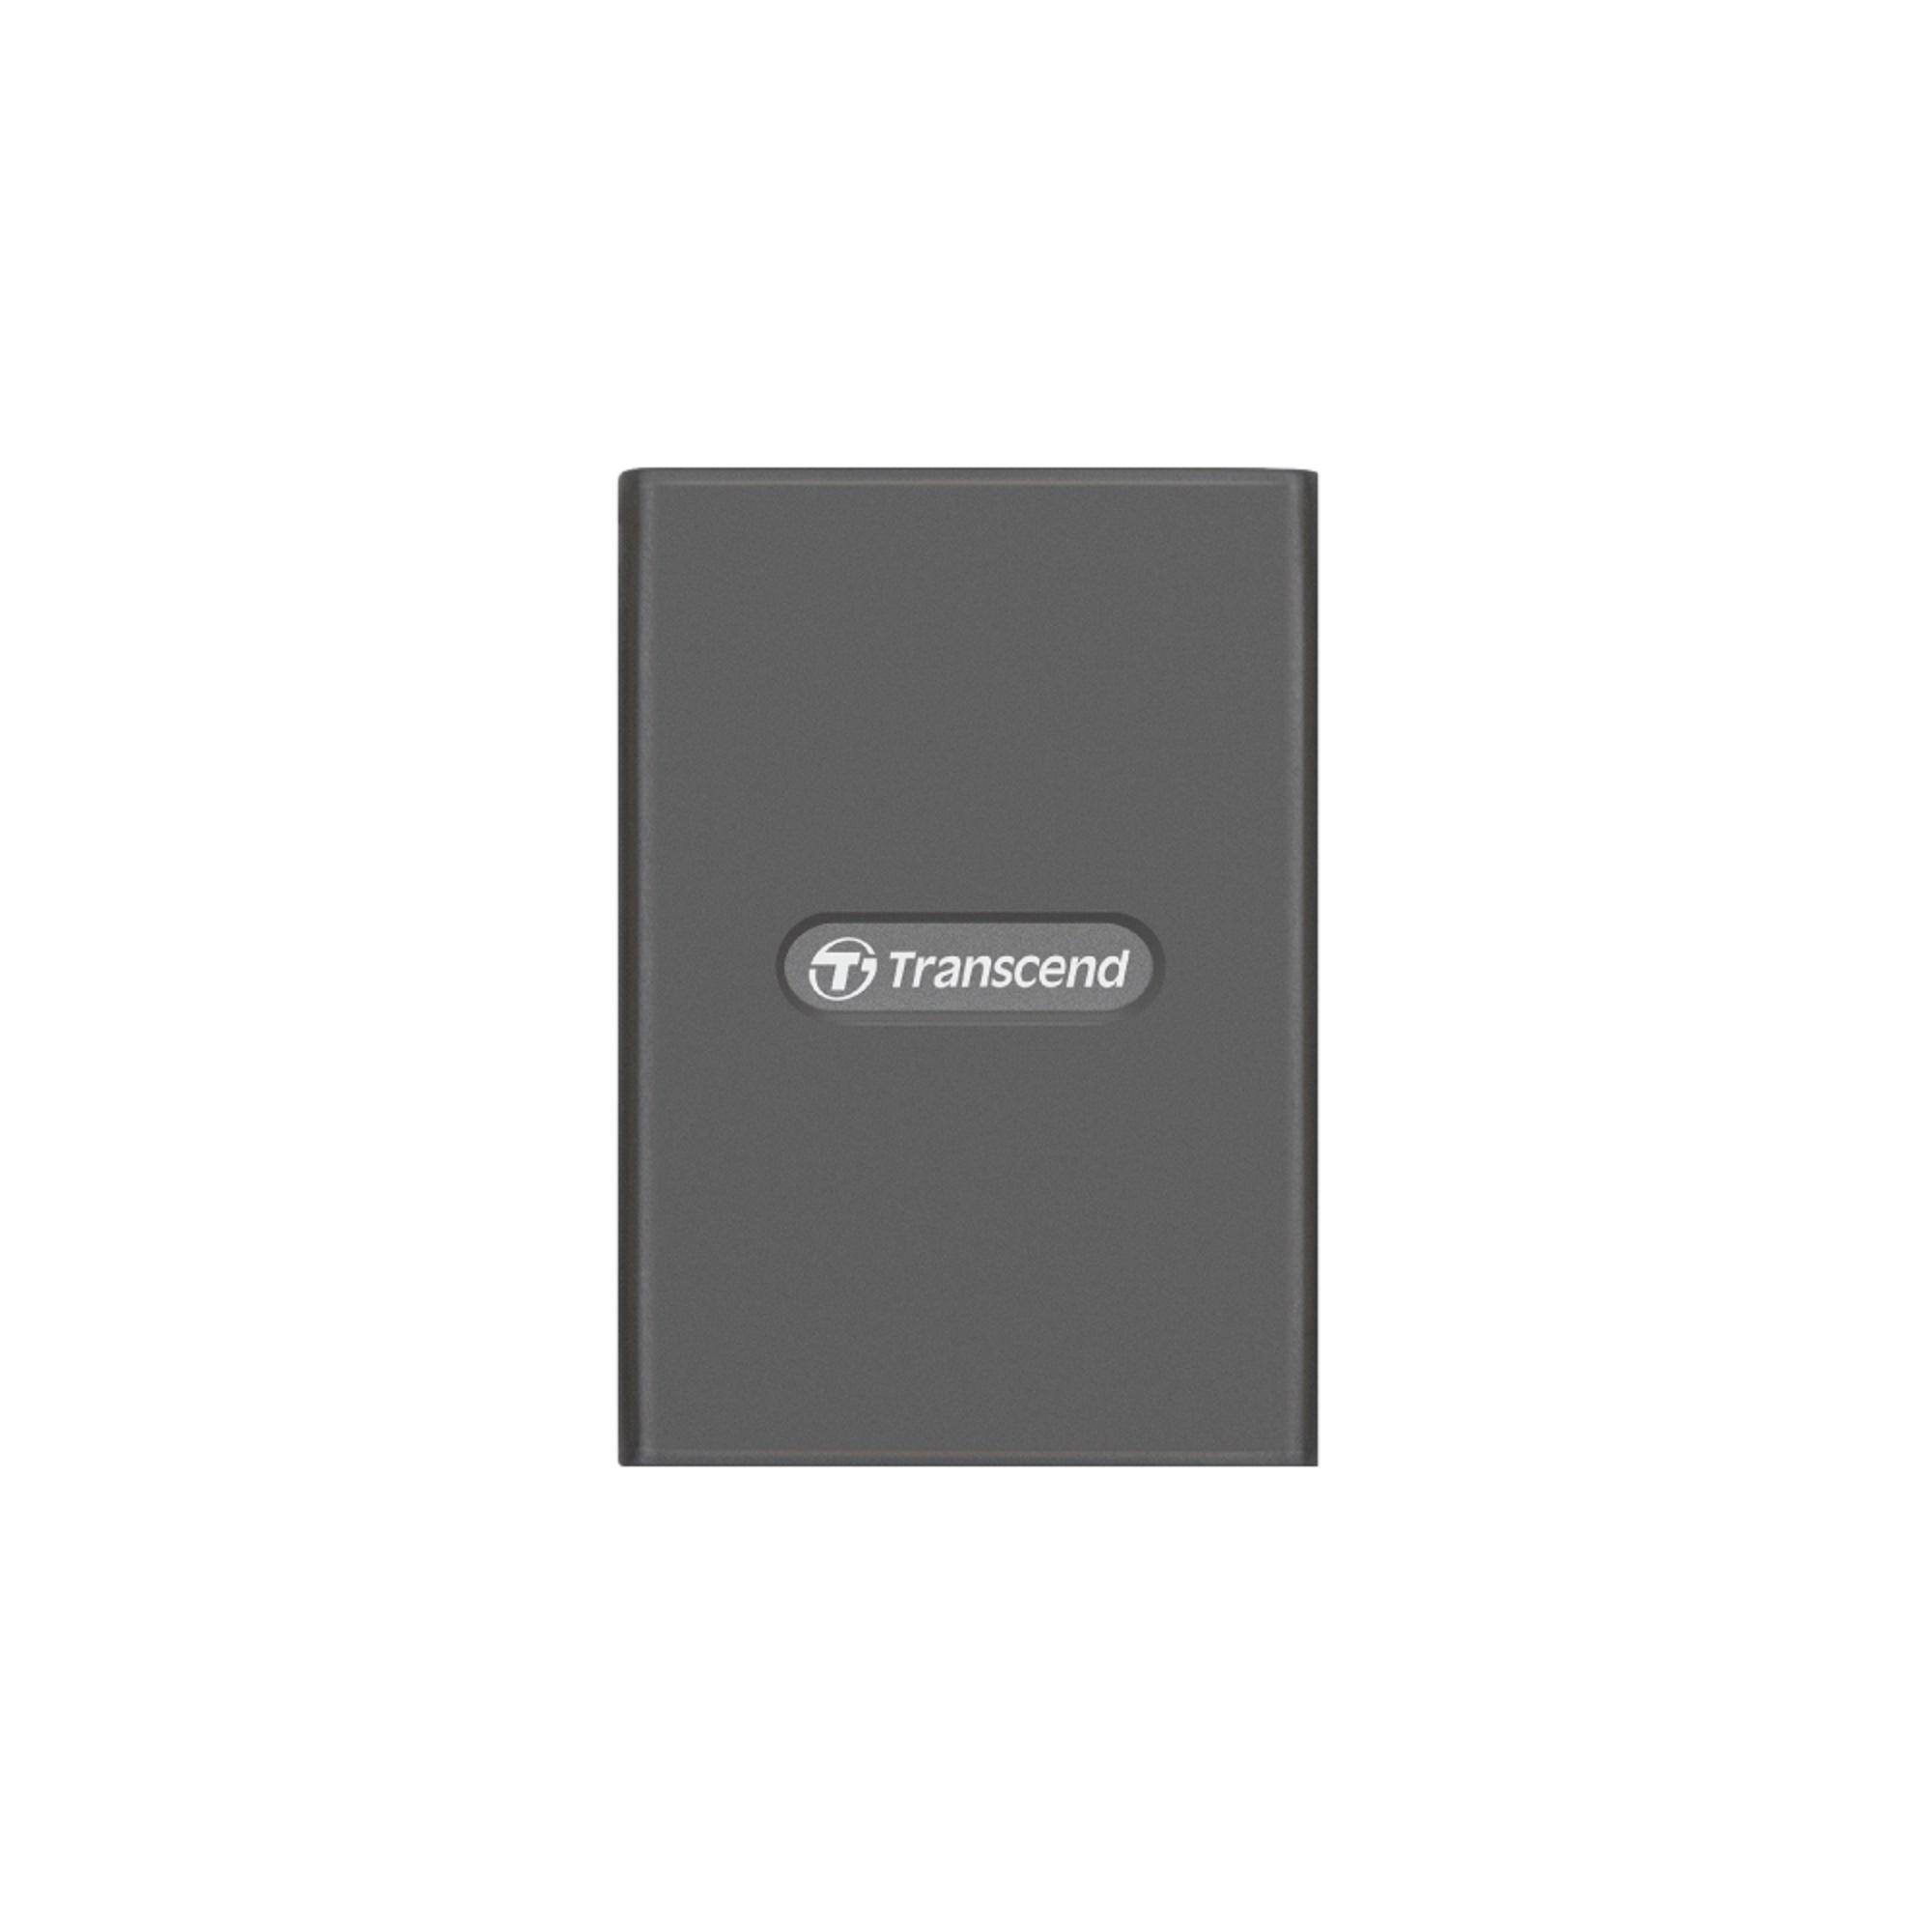 Transcend RDE2 Lesegerät CFexpress Typ-B, USB 3.2, Gen 2x2